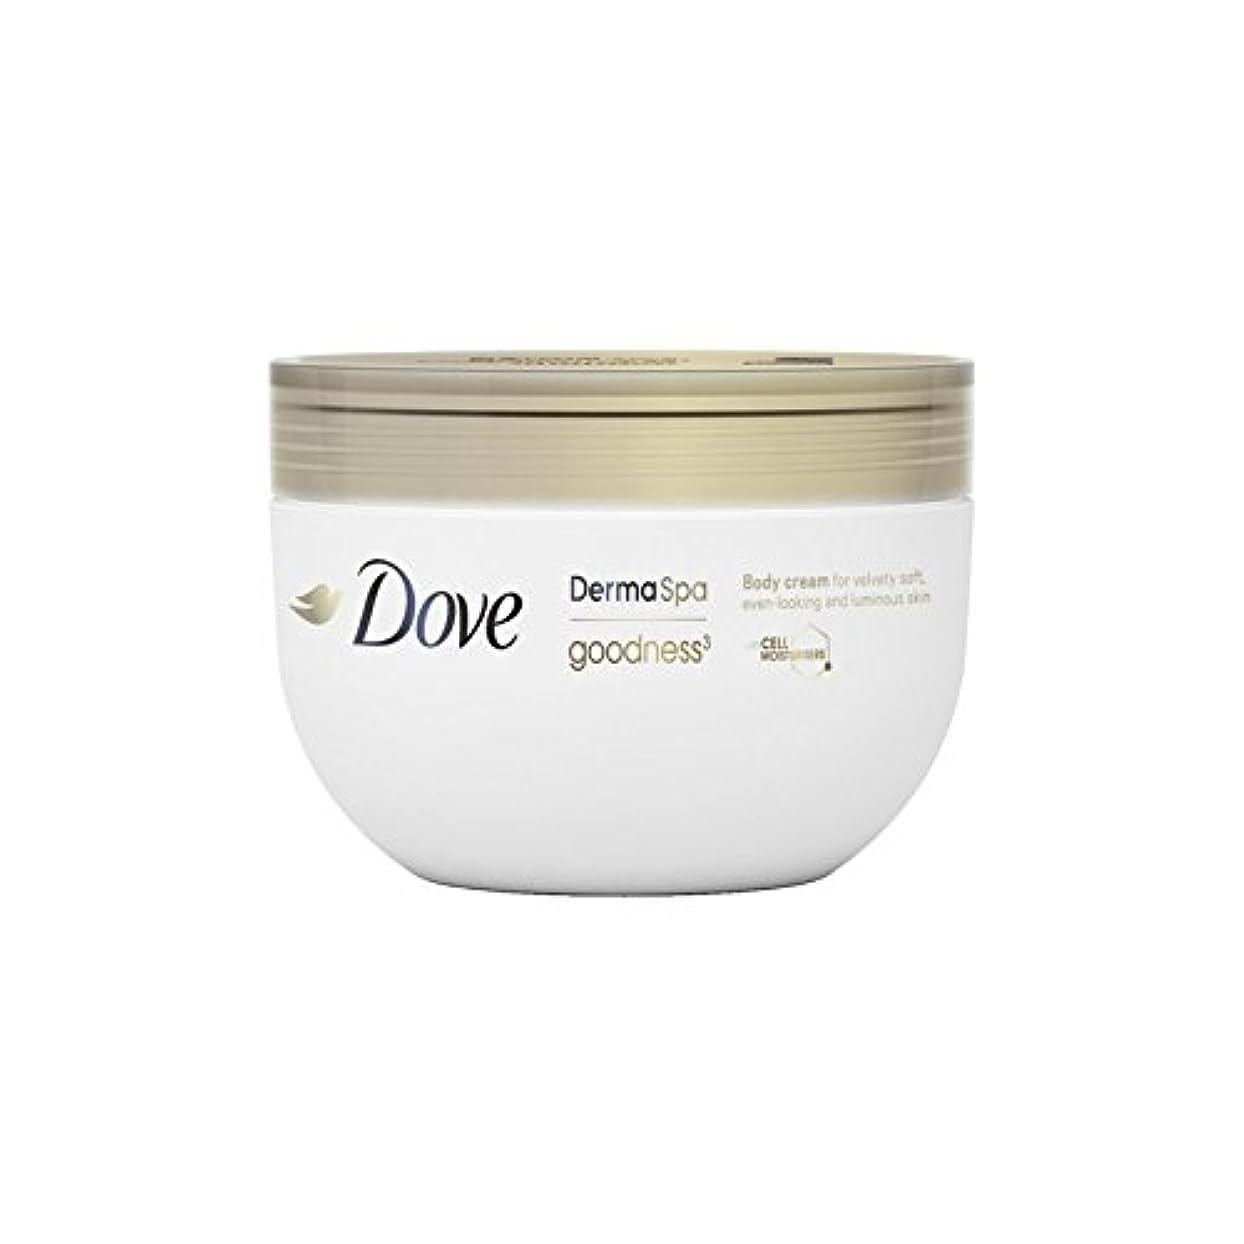 因子寝具警告Dove DermaSpa Goodness3 Body Cream (300ml) - 鳩の3ボディクリーム(300ミリリットル) [並行輸入品]